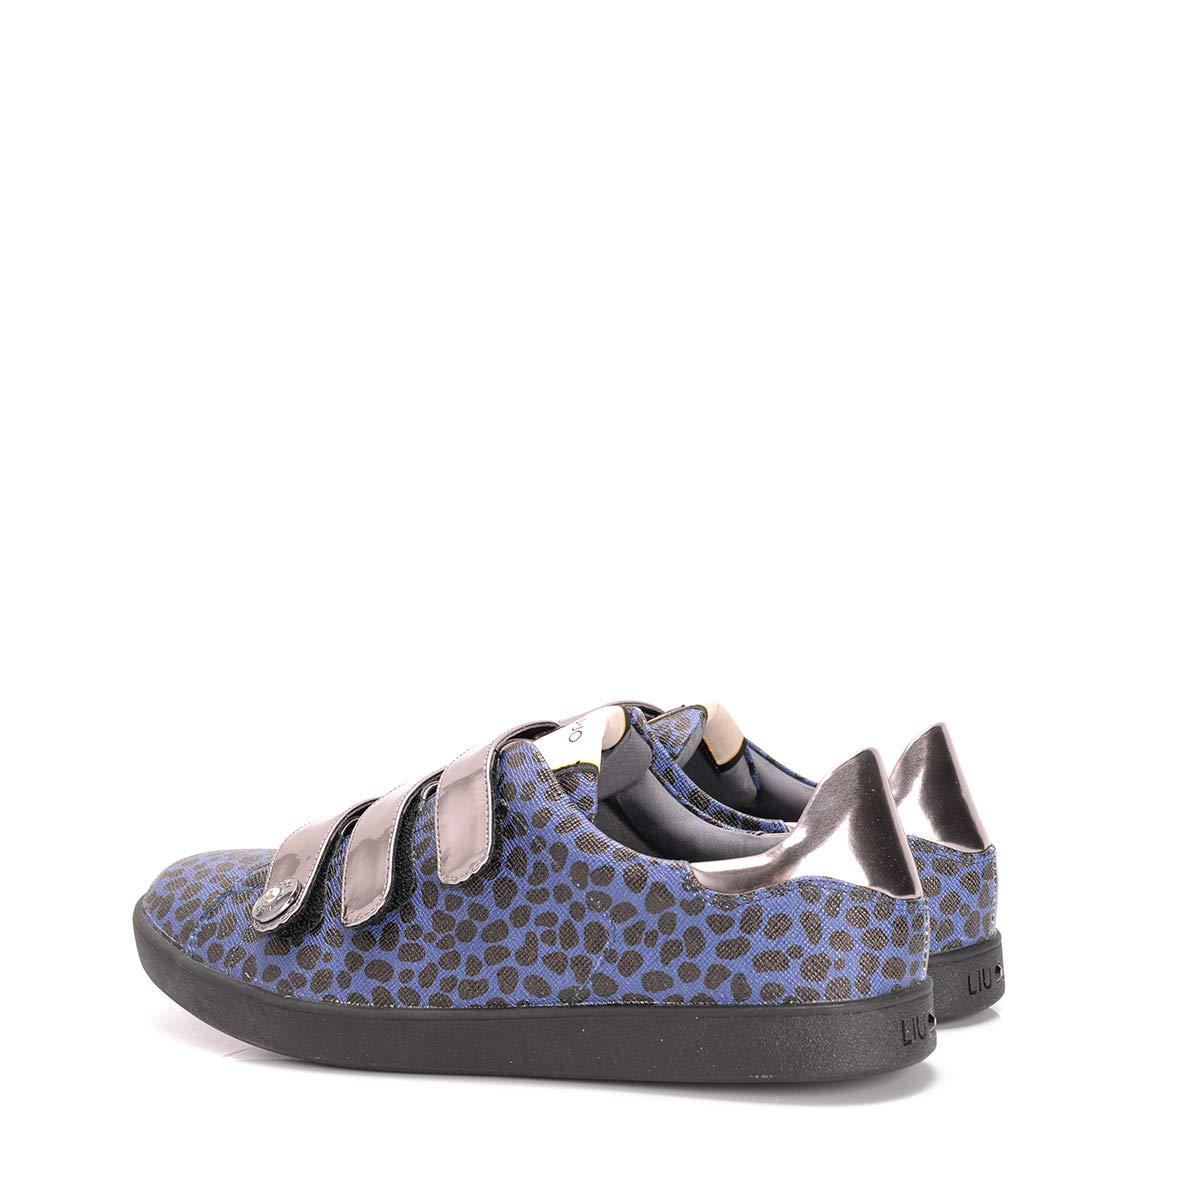 Liu-Jo Sneaker C/Velcri1 - / S65107 E0087 / - Sneaker C/Velcri Cel - SIZE: 38(EU) - cdac4d